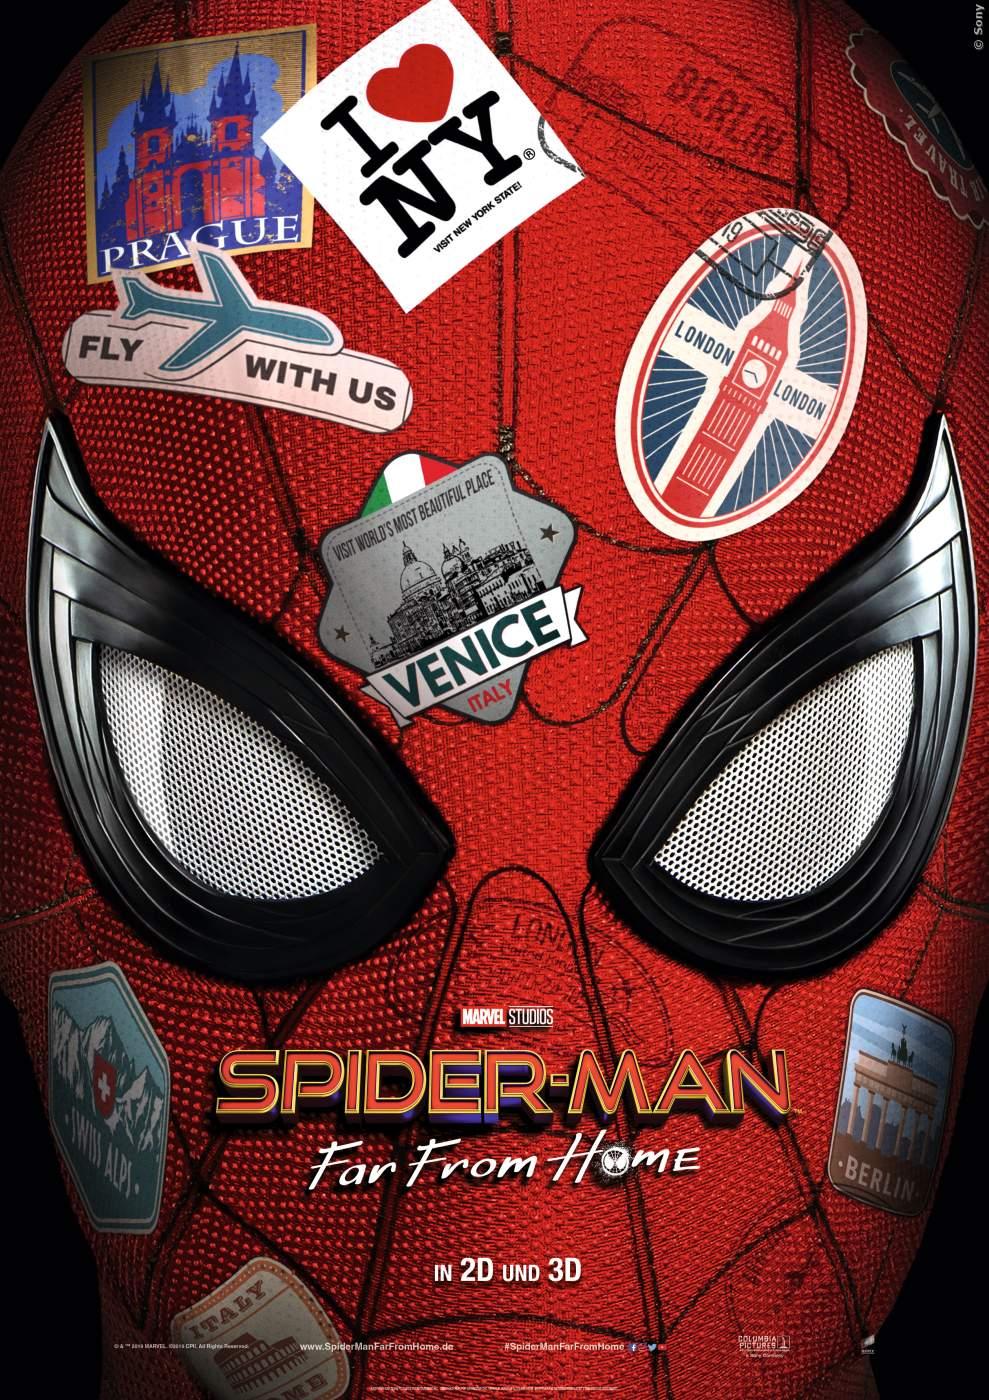 Das Spider-Man Plakat